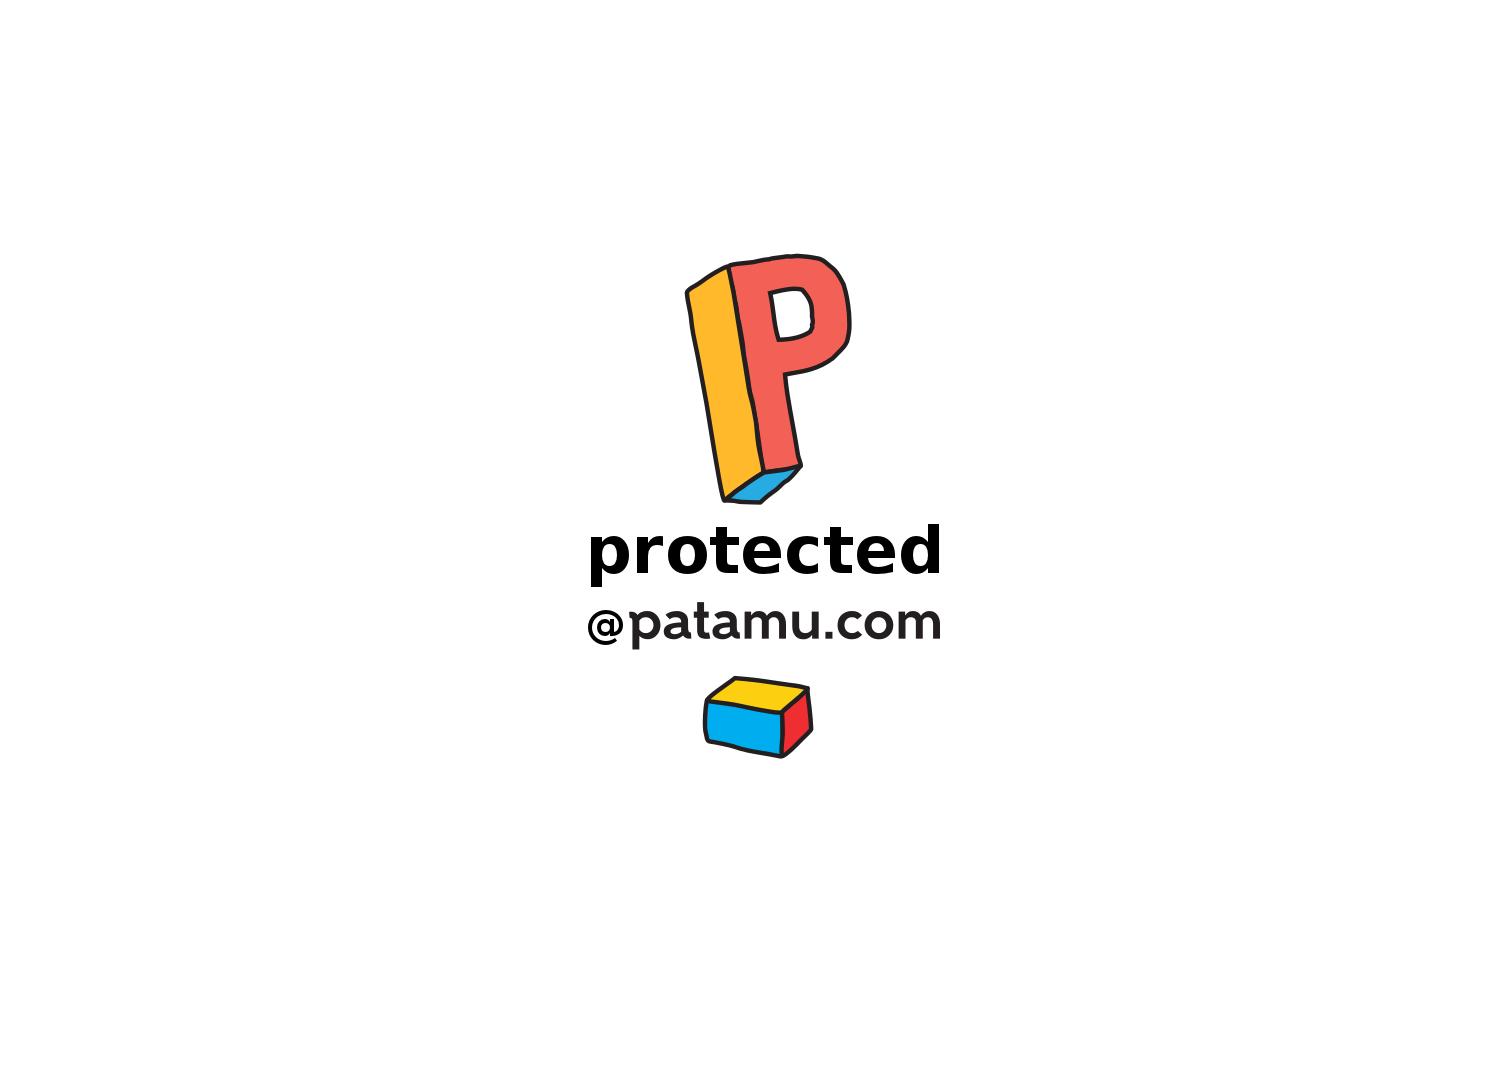 Opere legalmente registrate, e tutelate da Patamu.